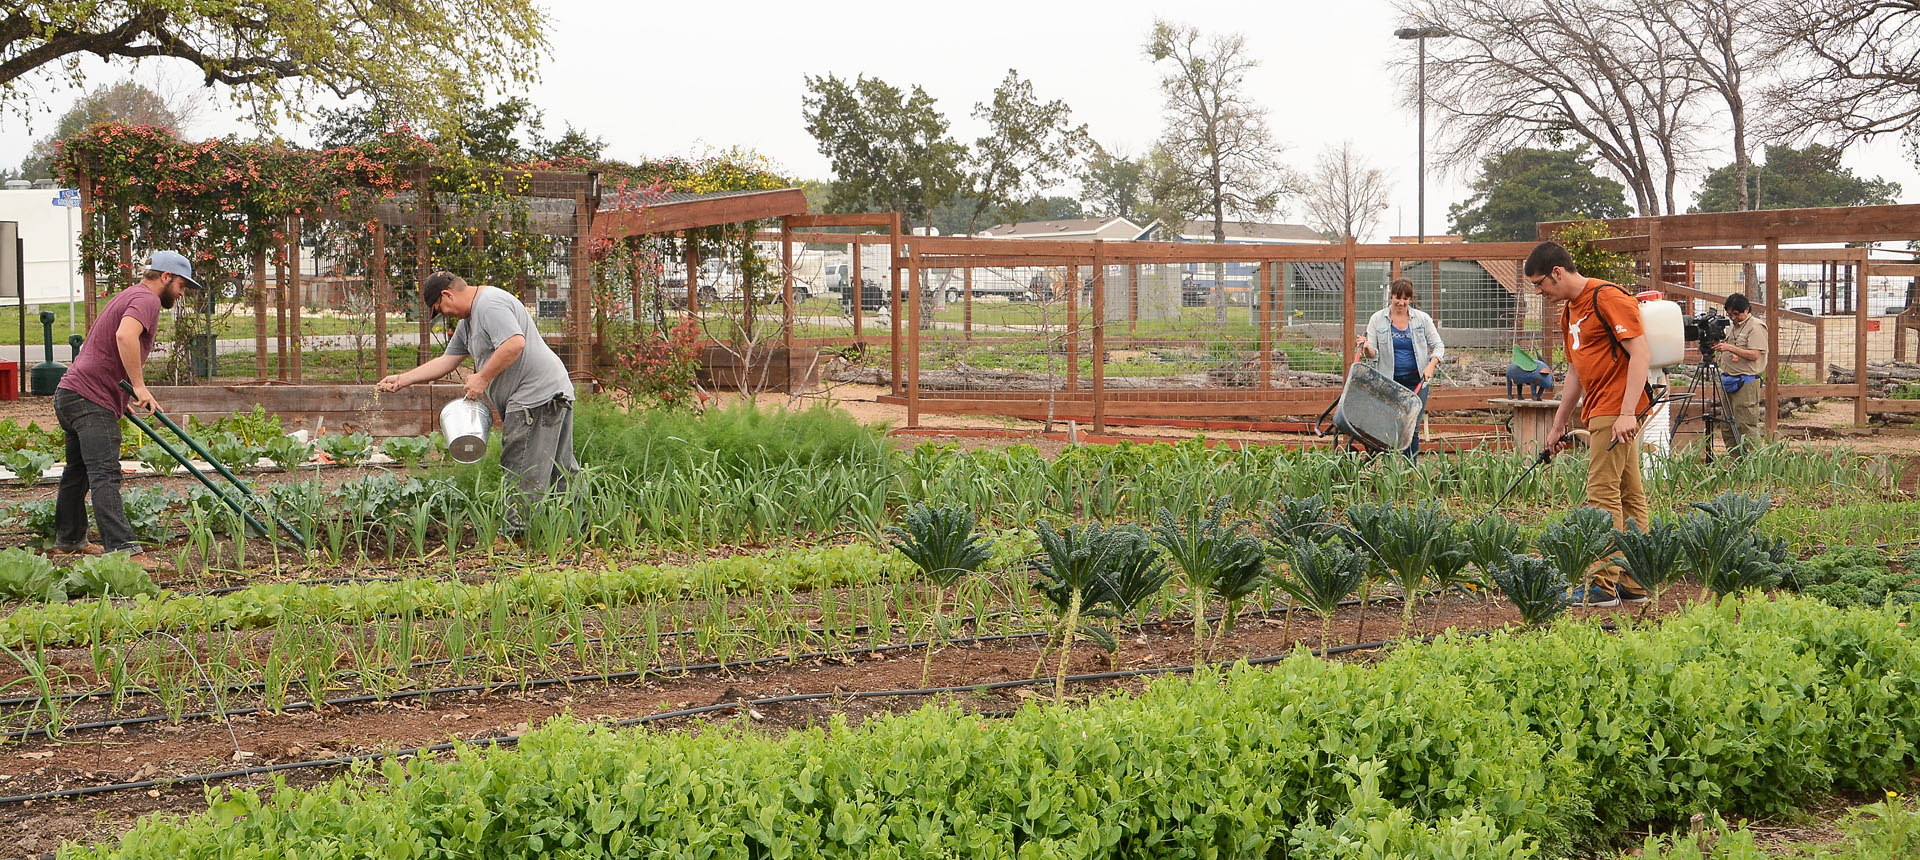 garden-Community-First